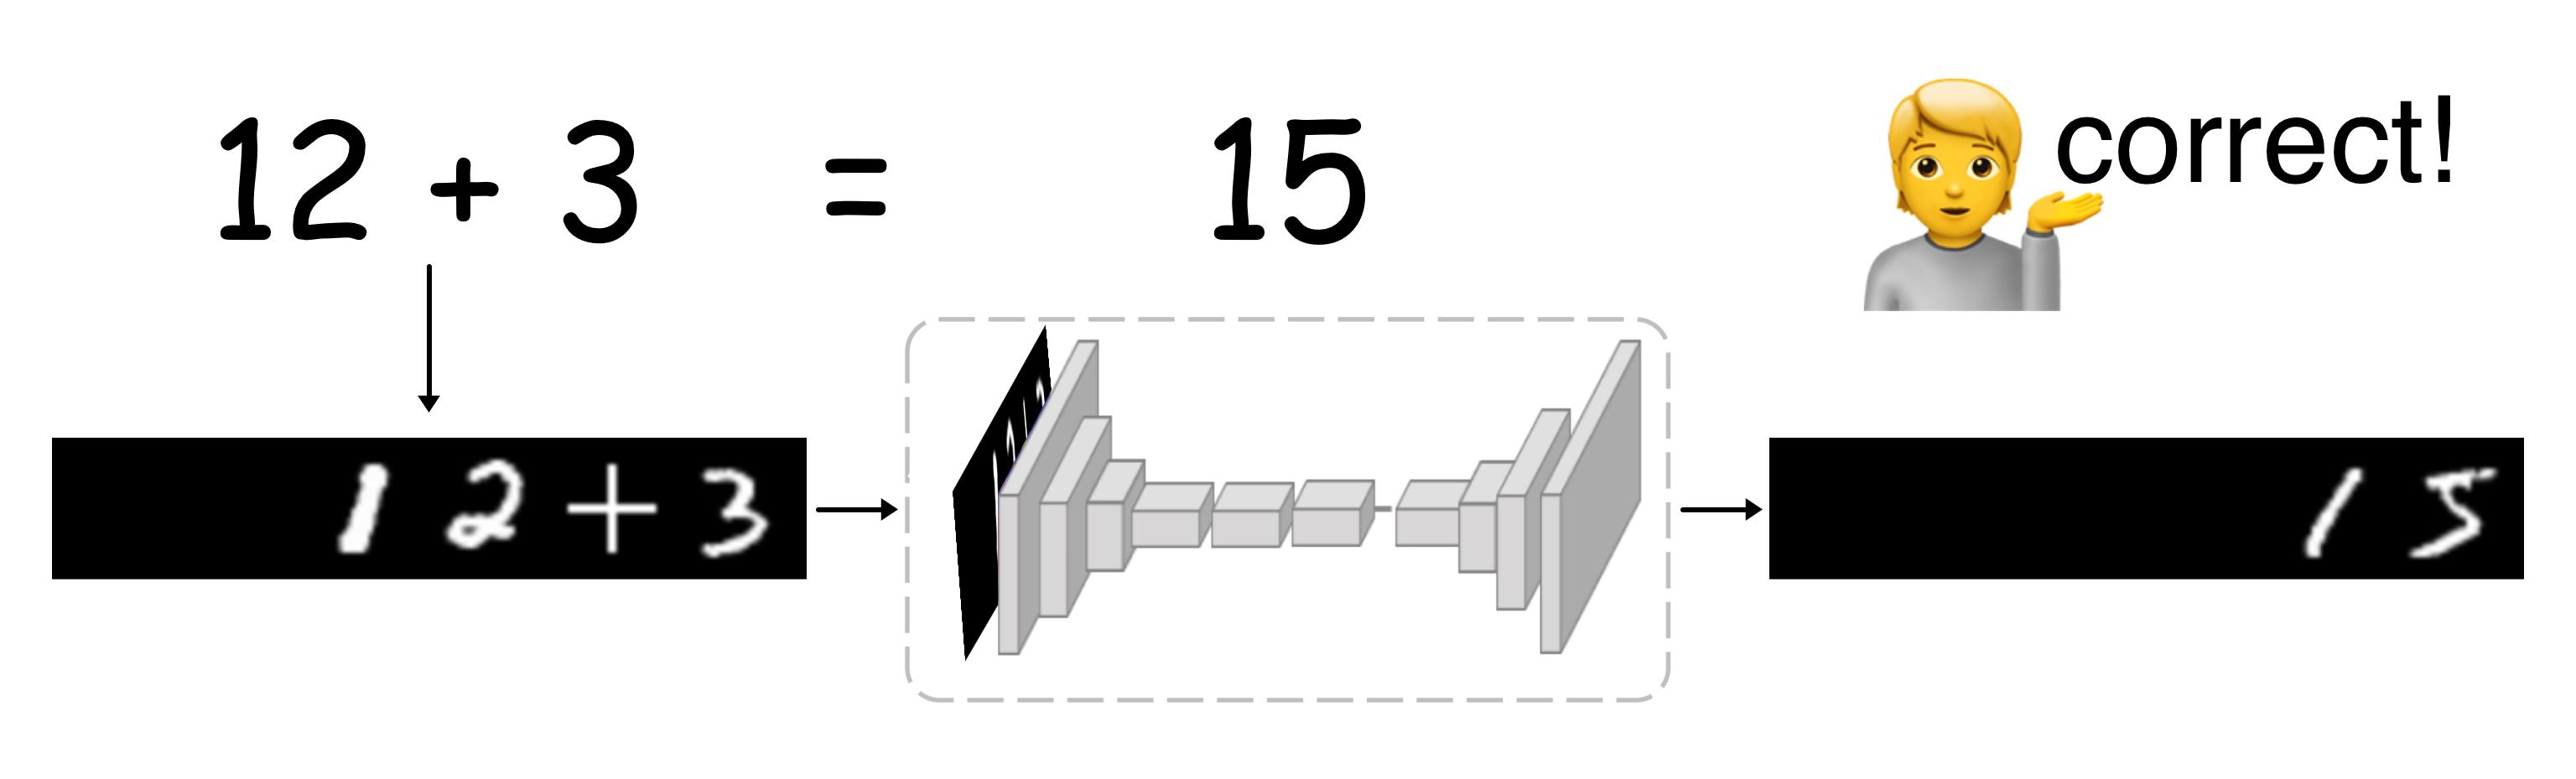 Нейросетевой калькулятор для сложения и вычитания не очень больших чисел